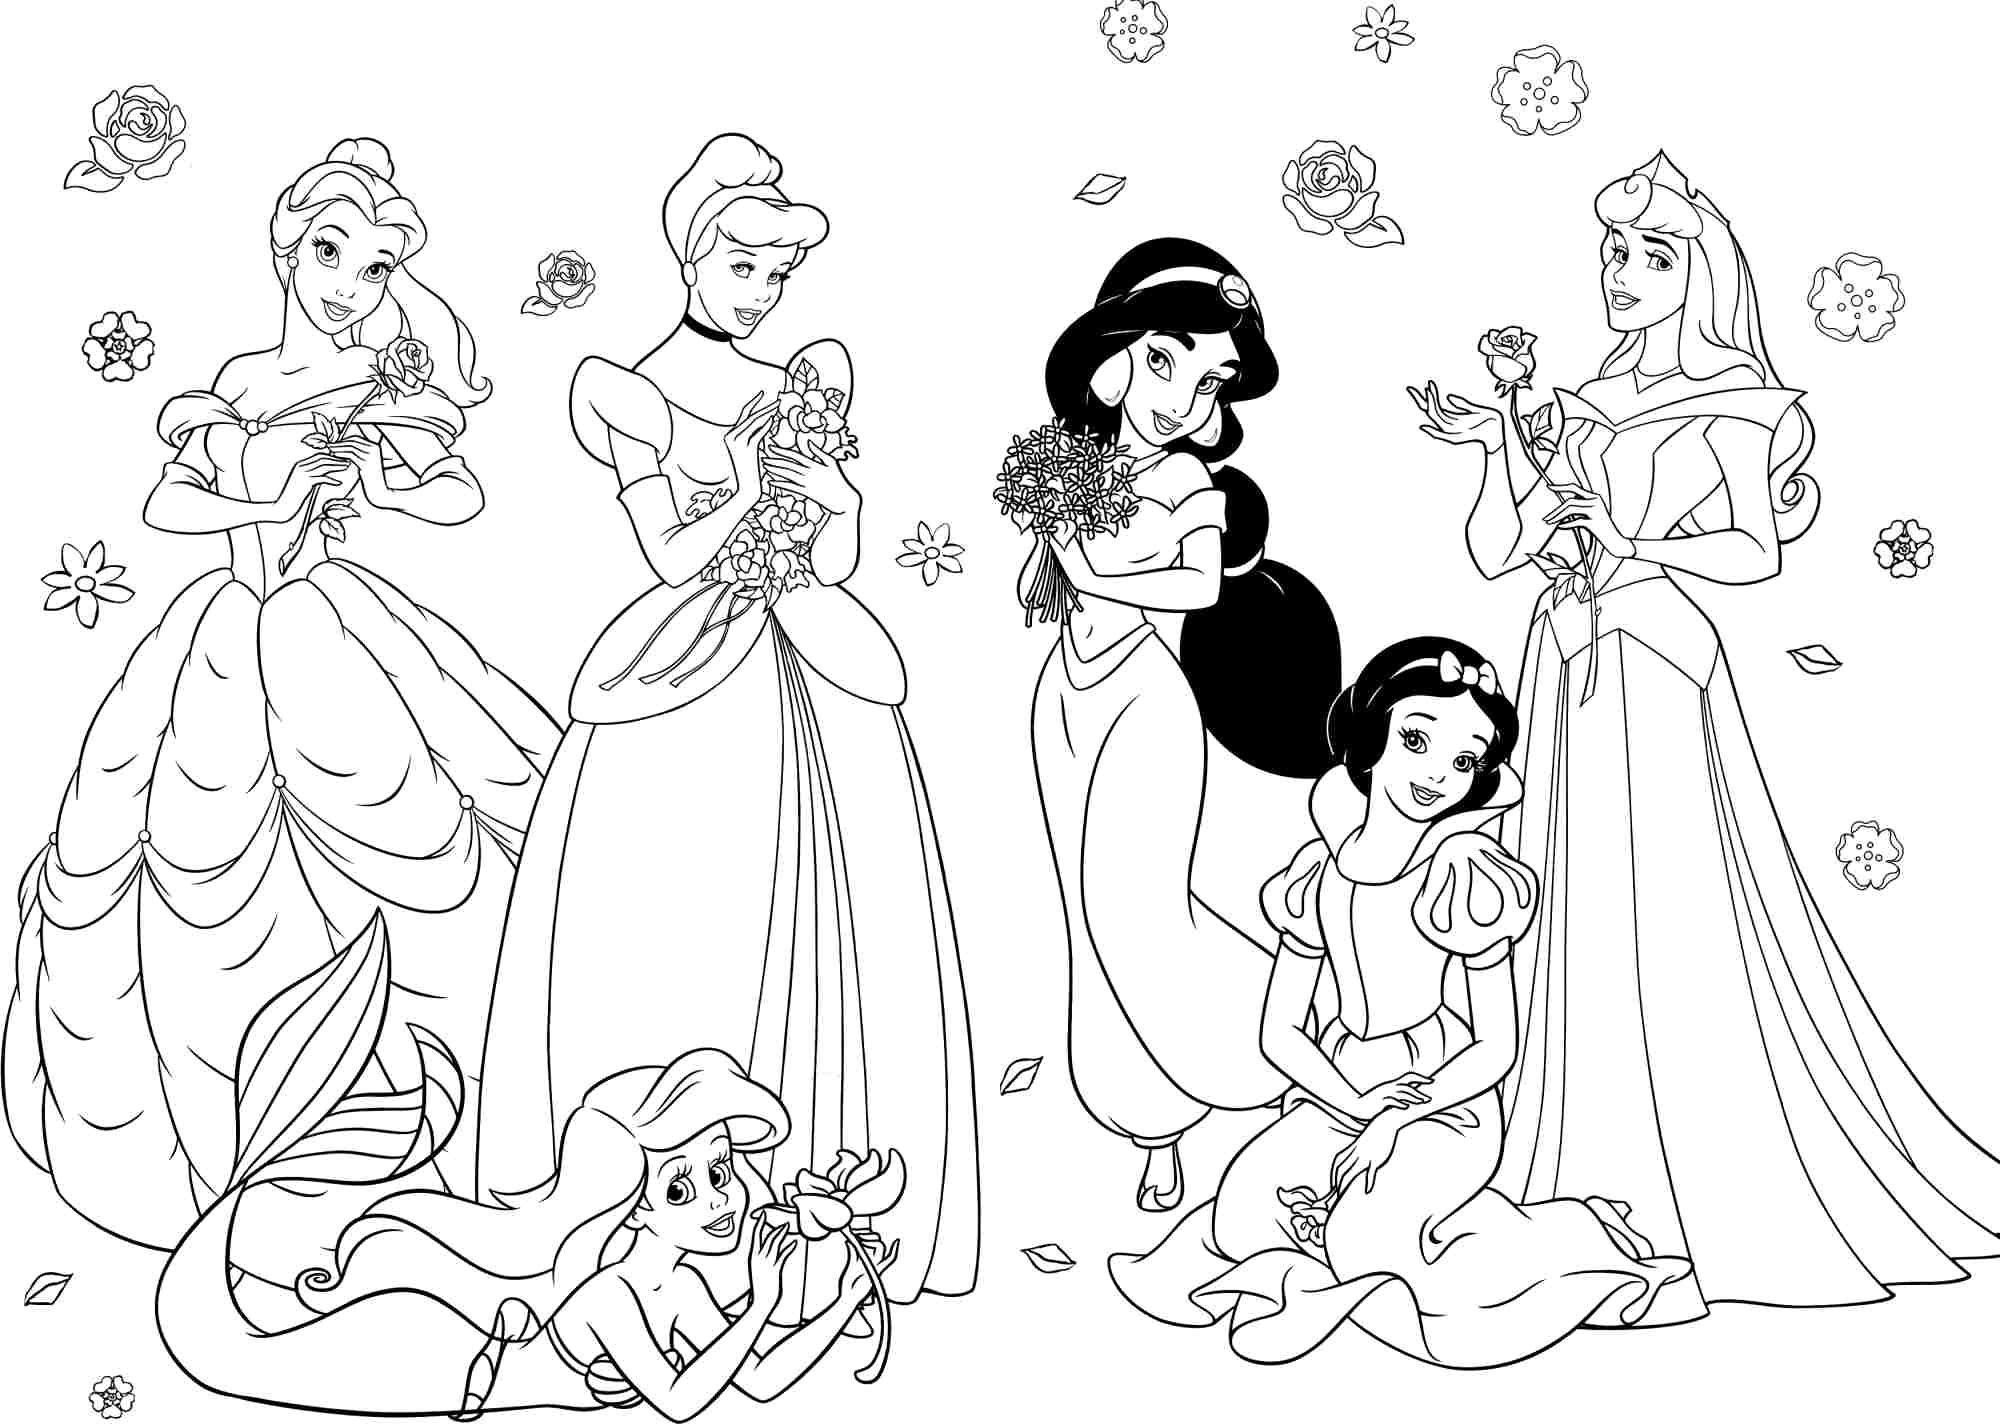 19 Disney Princess Coloring Book Pdf Download Free Images  Disney